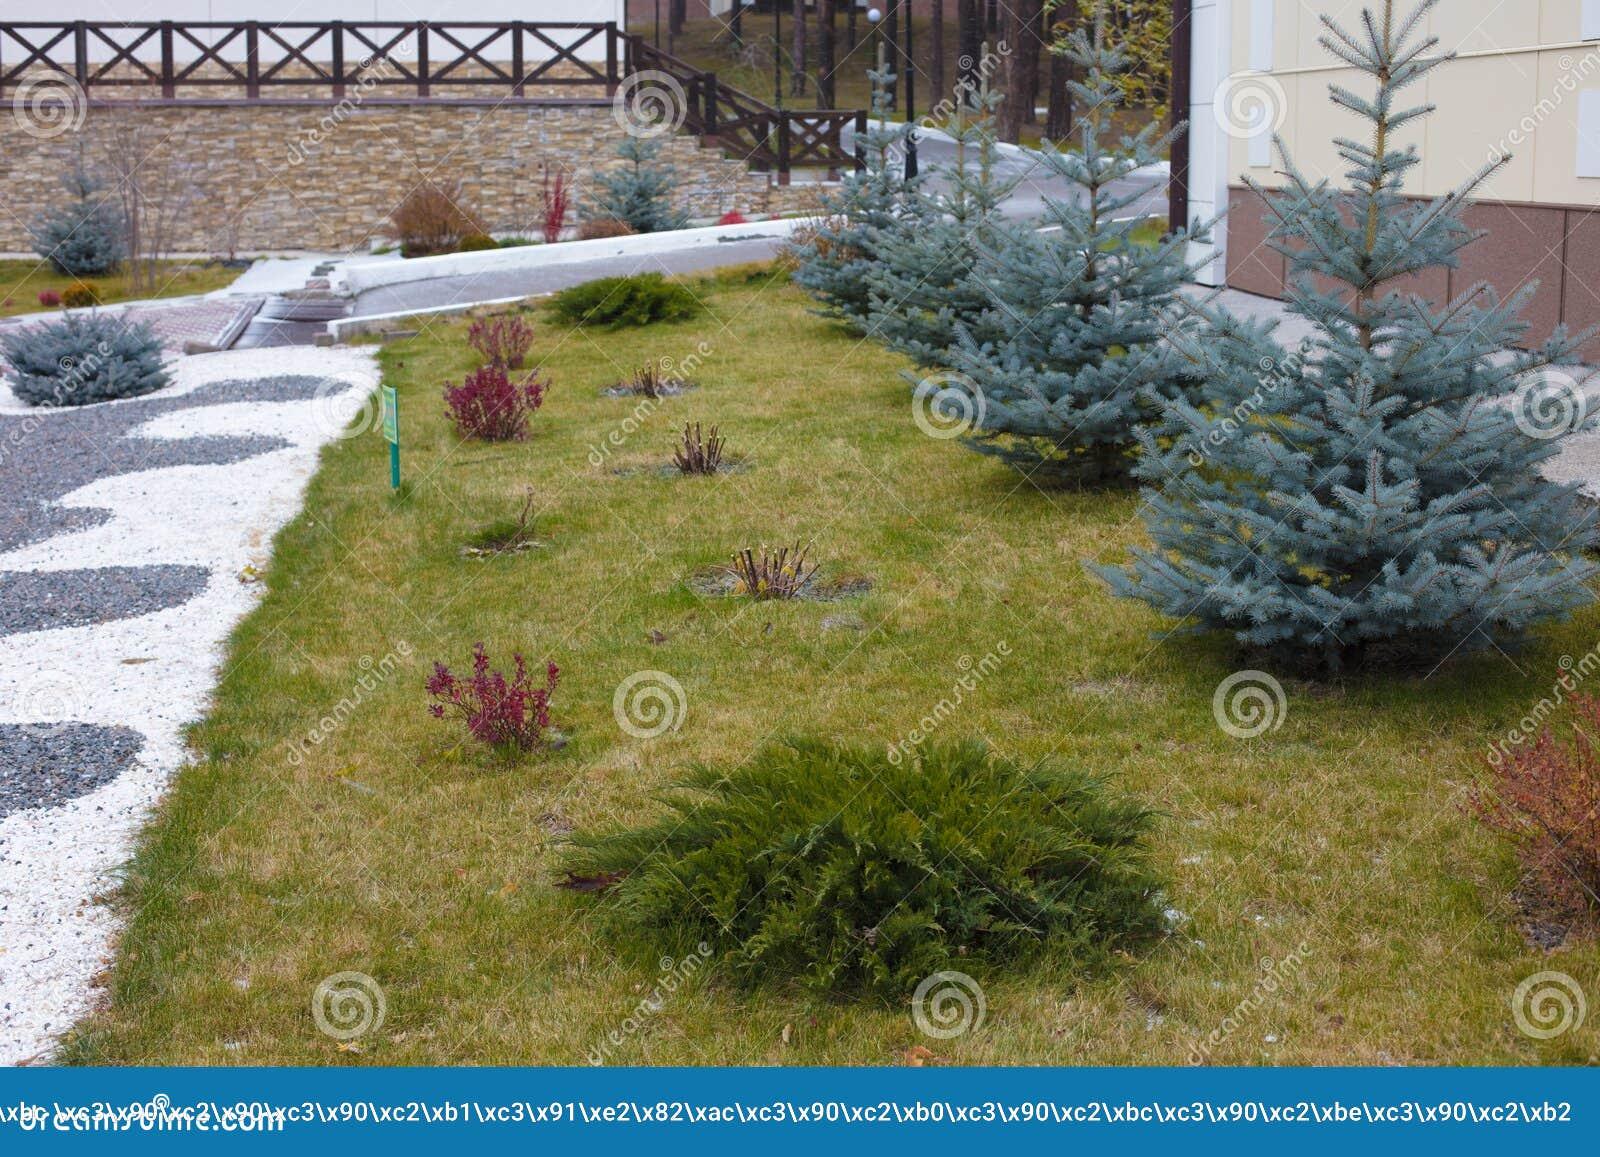 Apelação bonita do freio de uma casa clássica do feriado em Sibéria com ajardinar bonito do jardim da frente Imagem de ajardinar